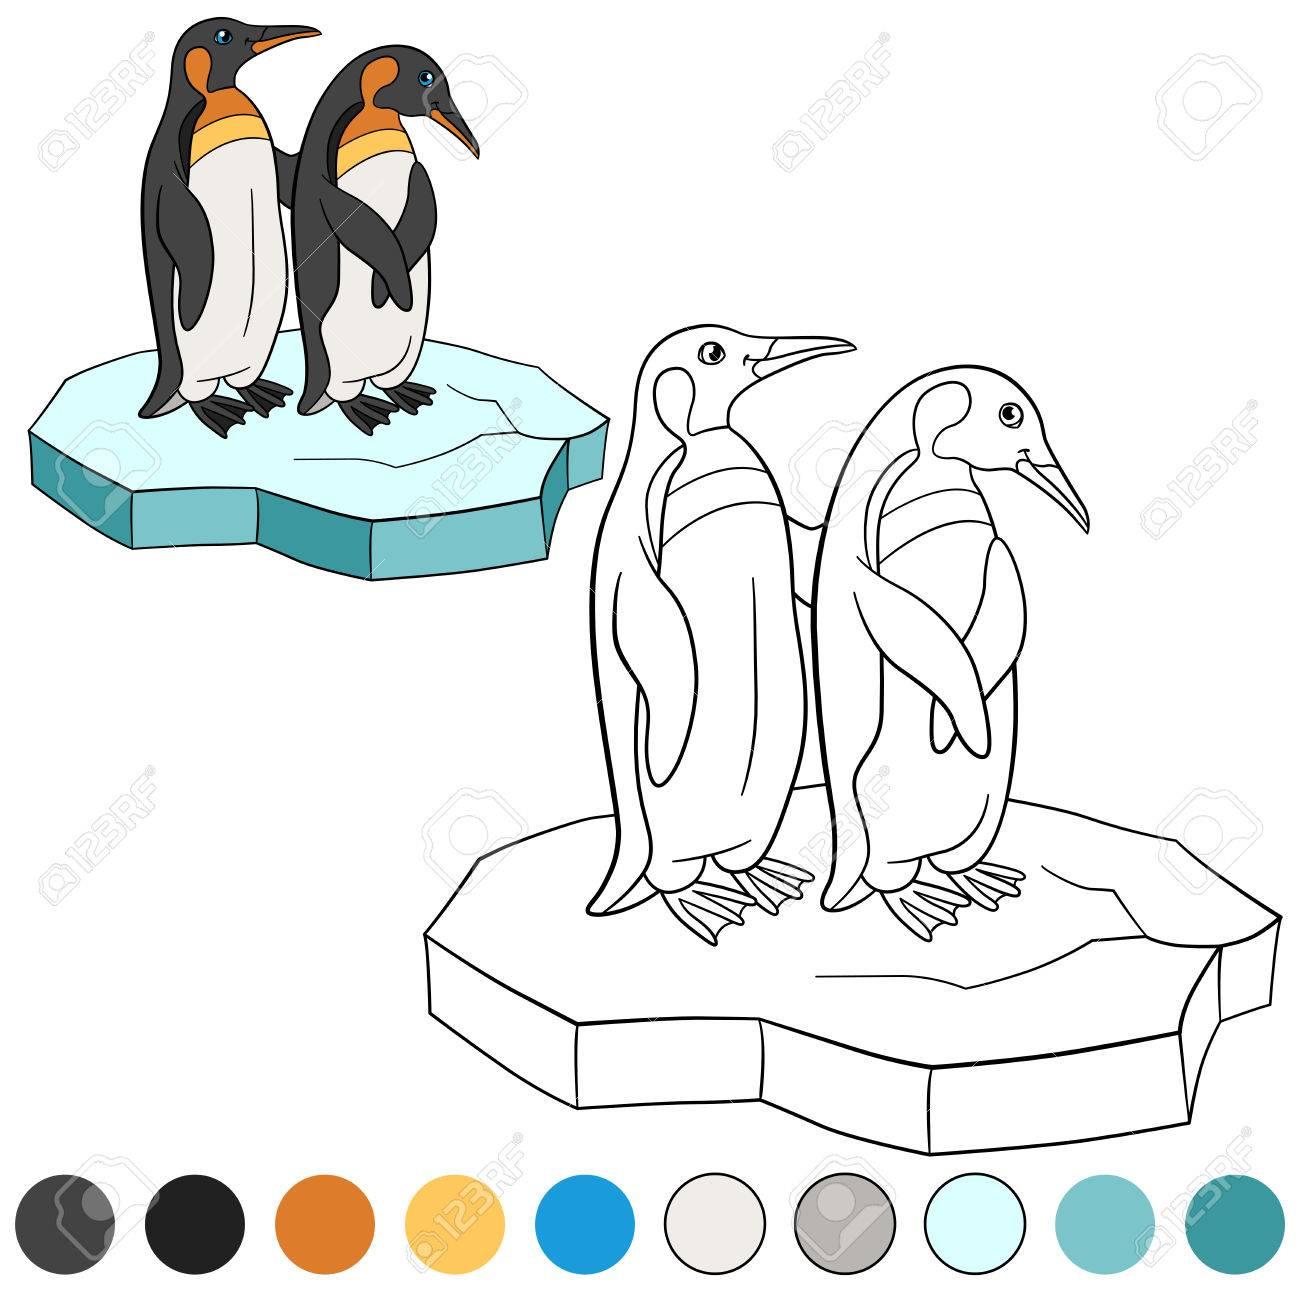 Malvorlagen. Zwei Kleine Niedliche Pinguin Stehen Auf Der Eisscholle ...